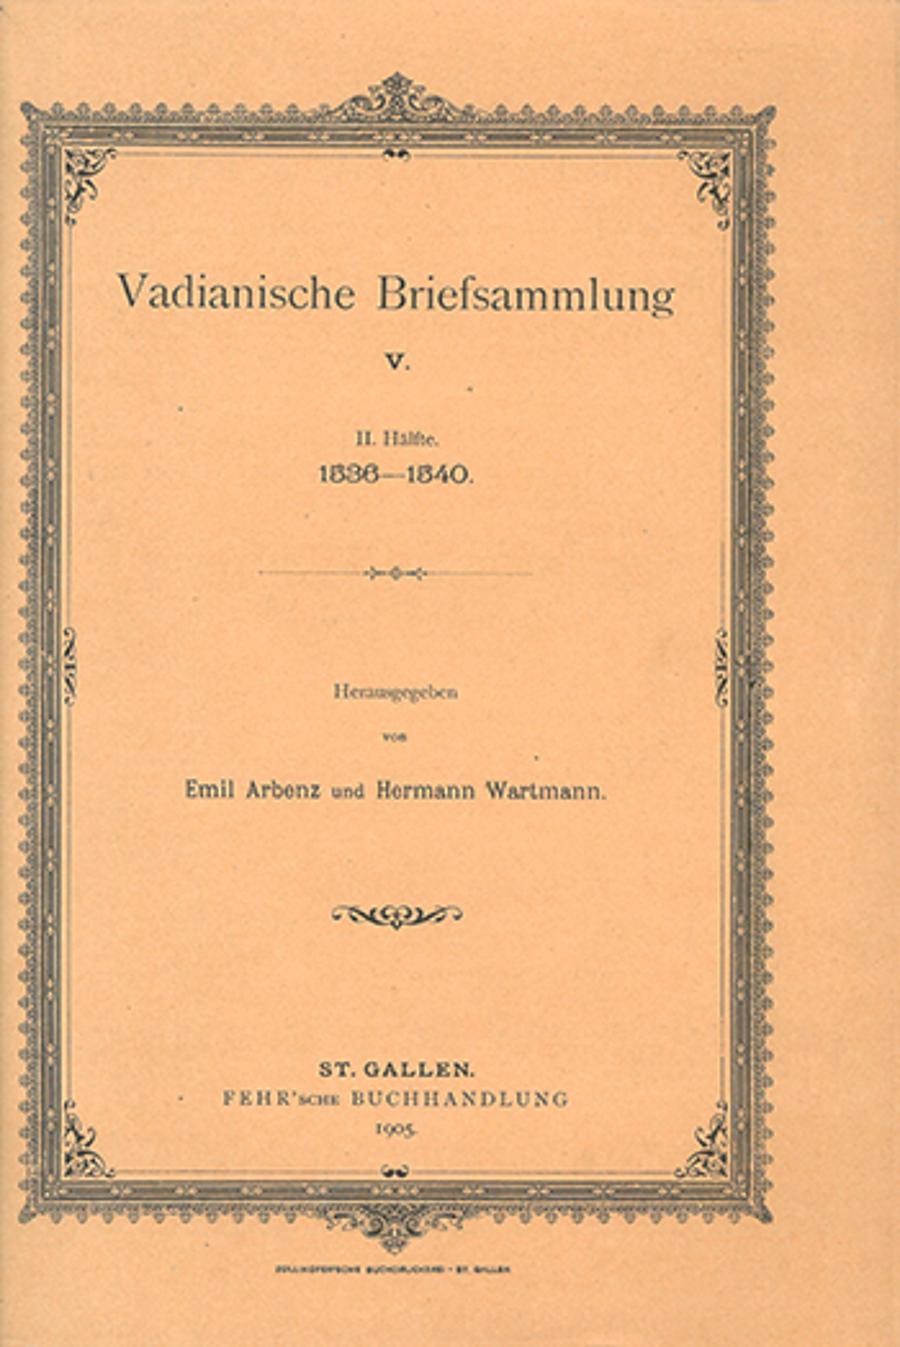 Vadianische Briefsammlung V.  <p><p>2. Hälfte 1536-1540.